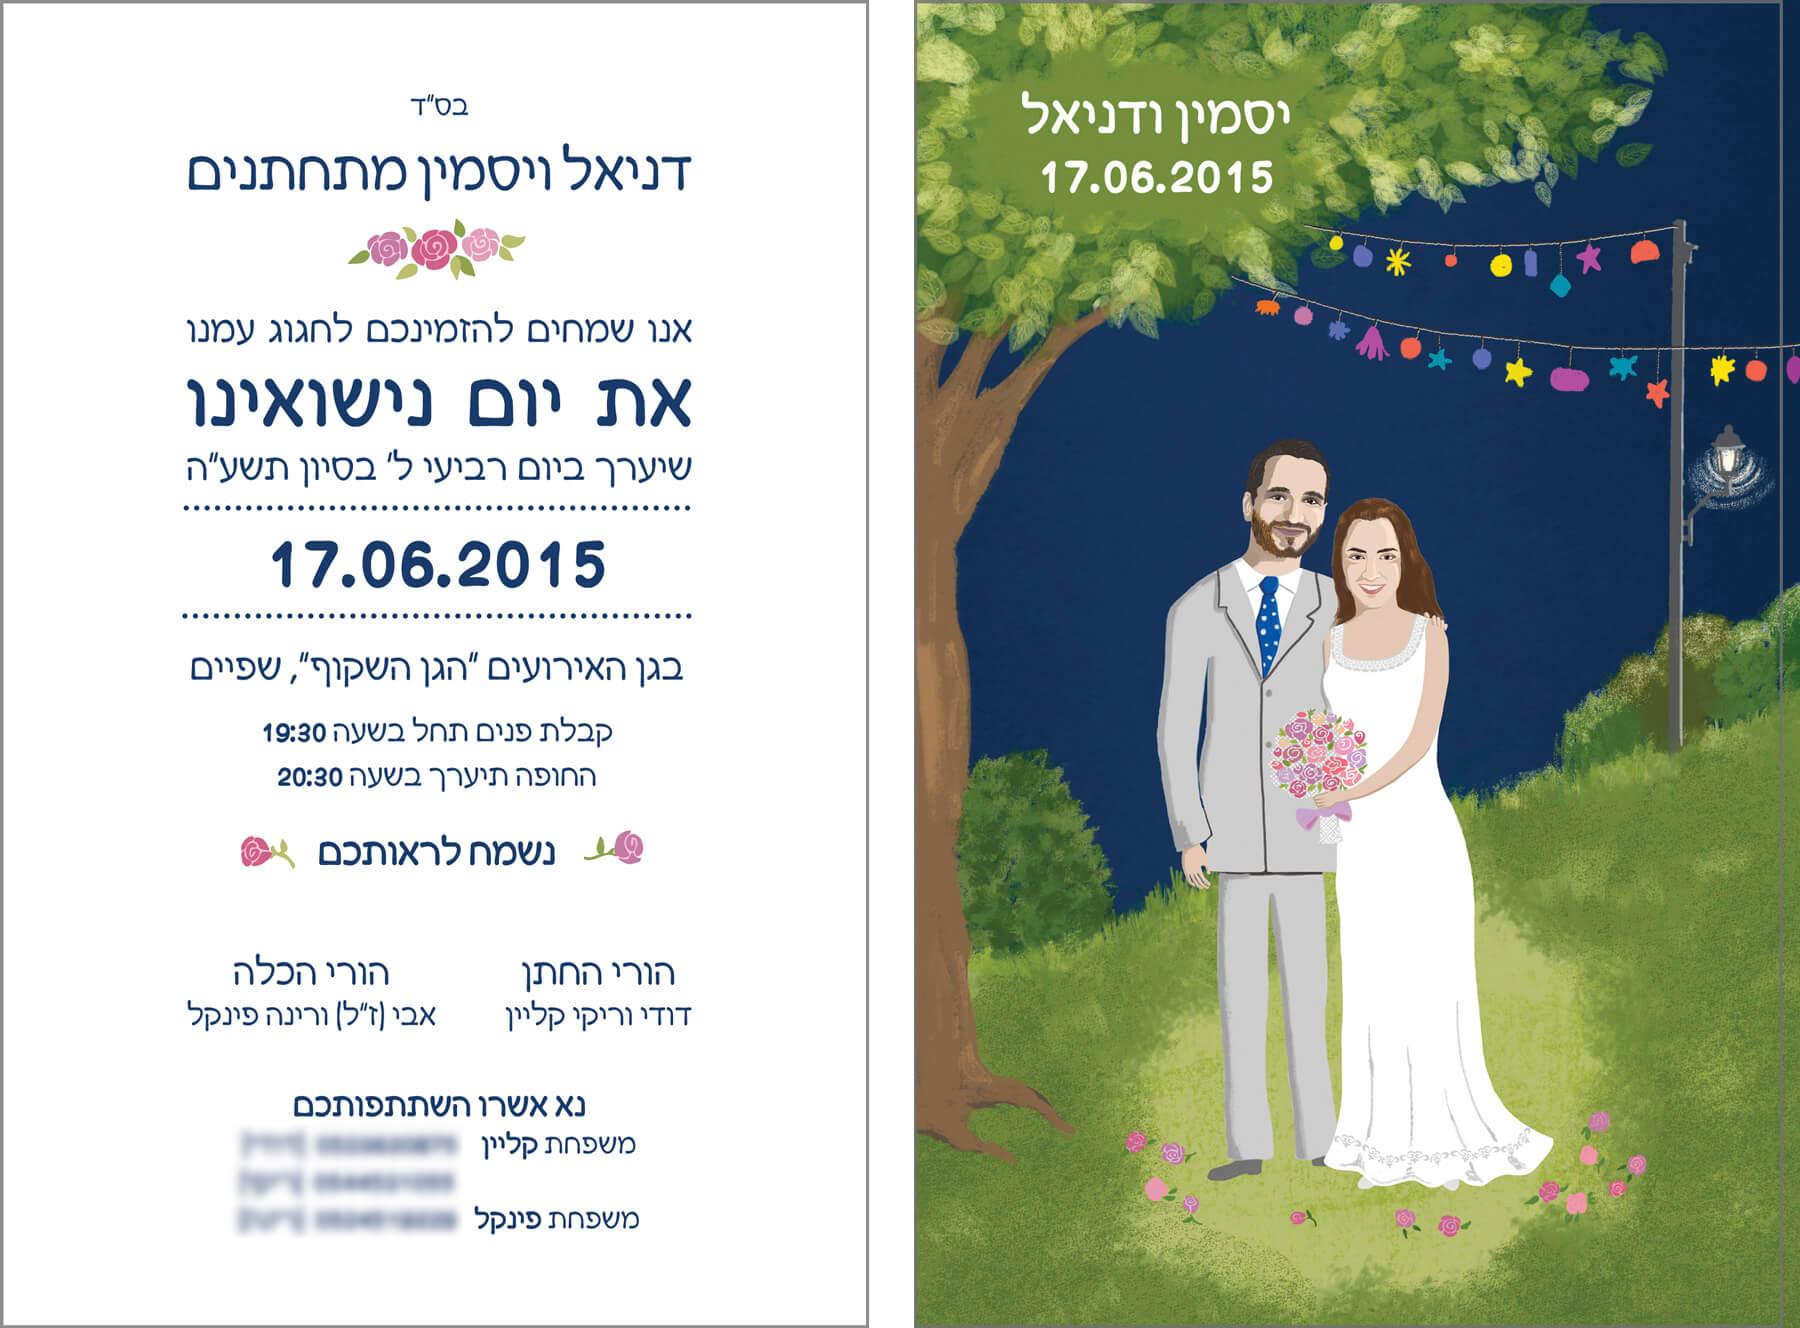 הזמנת חתונה ליסמין ודניאל